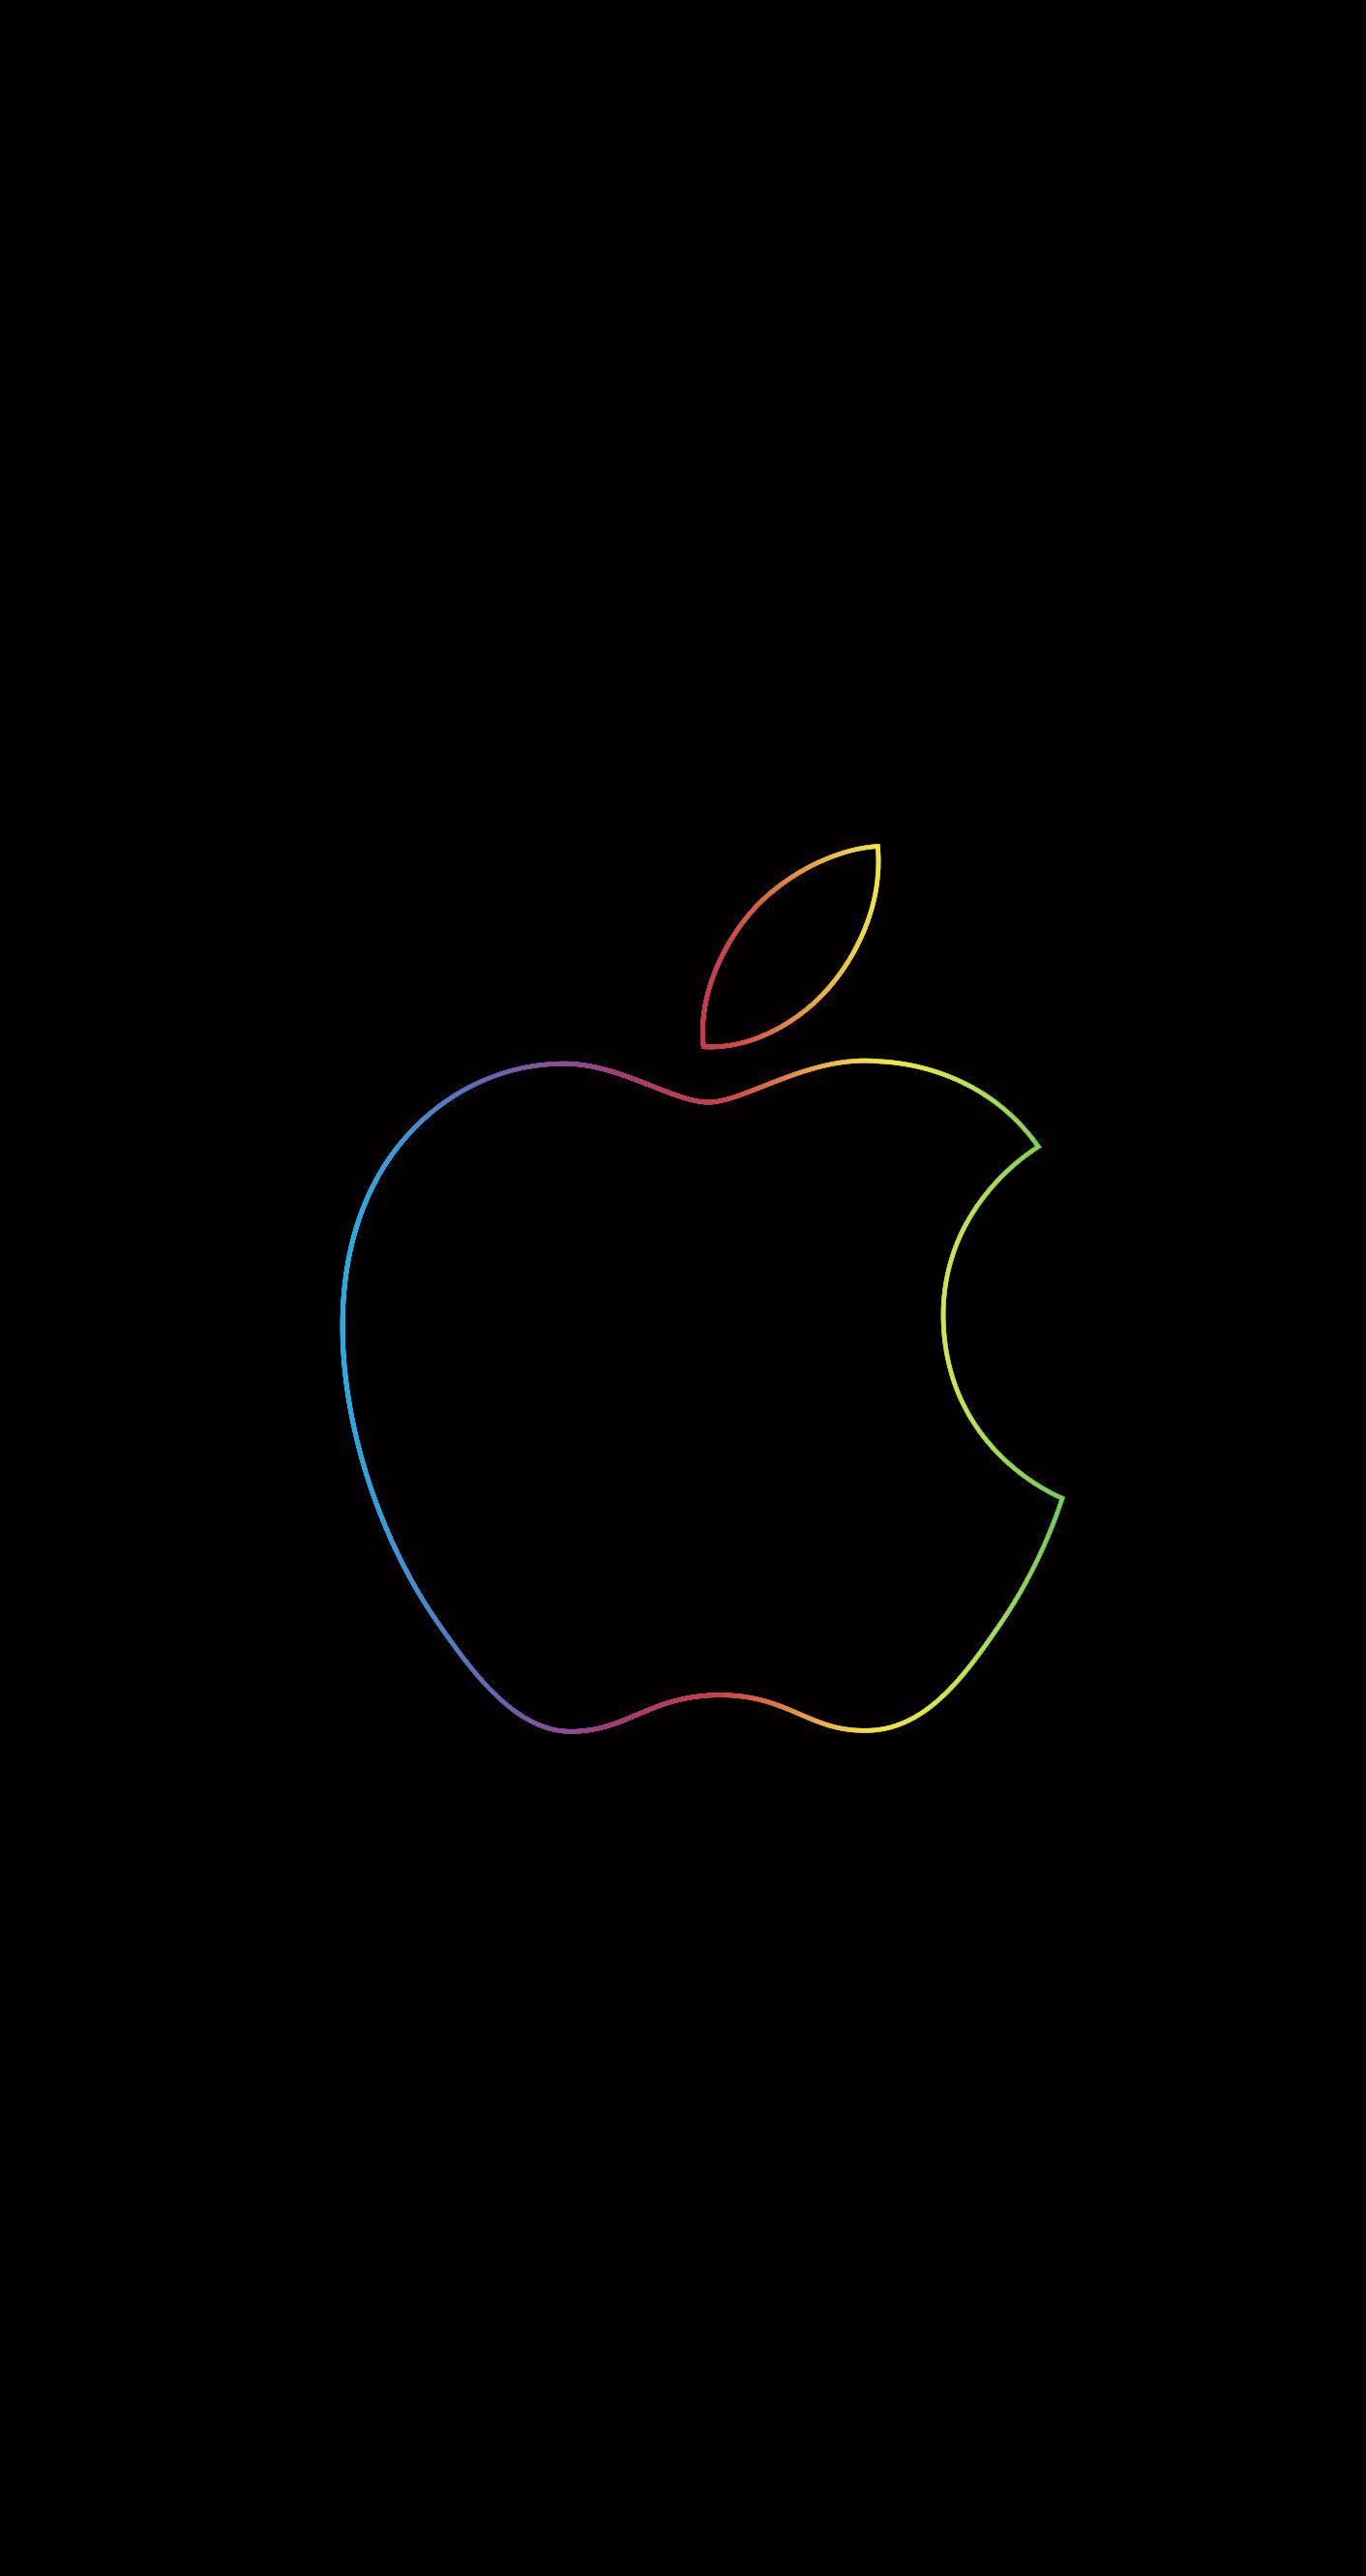 apple logo vector - bing images | apple'tite! | pinterest | apple